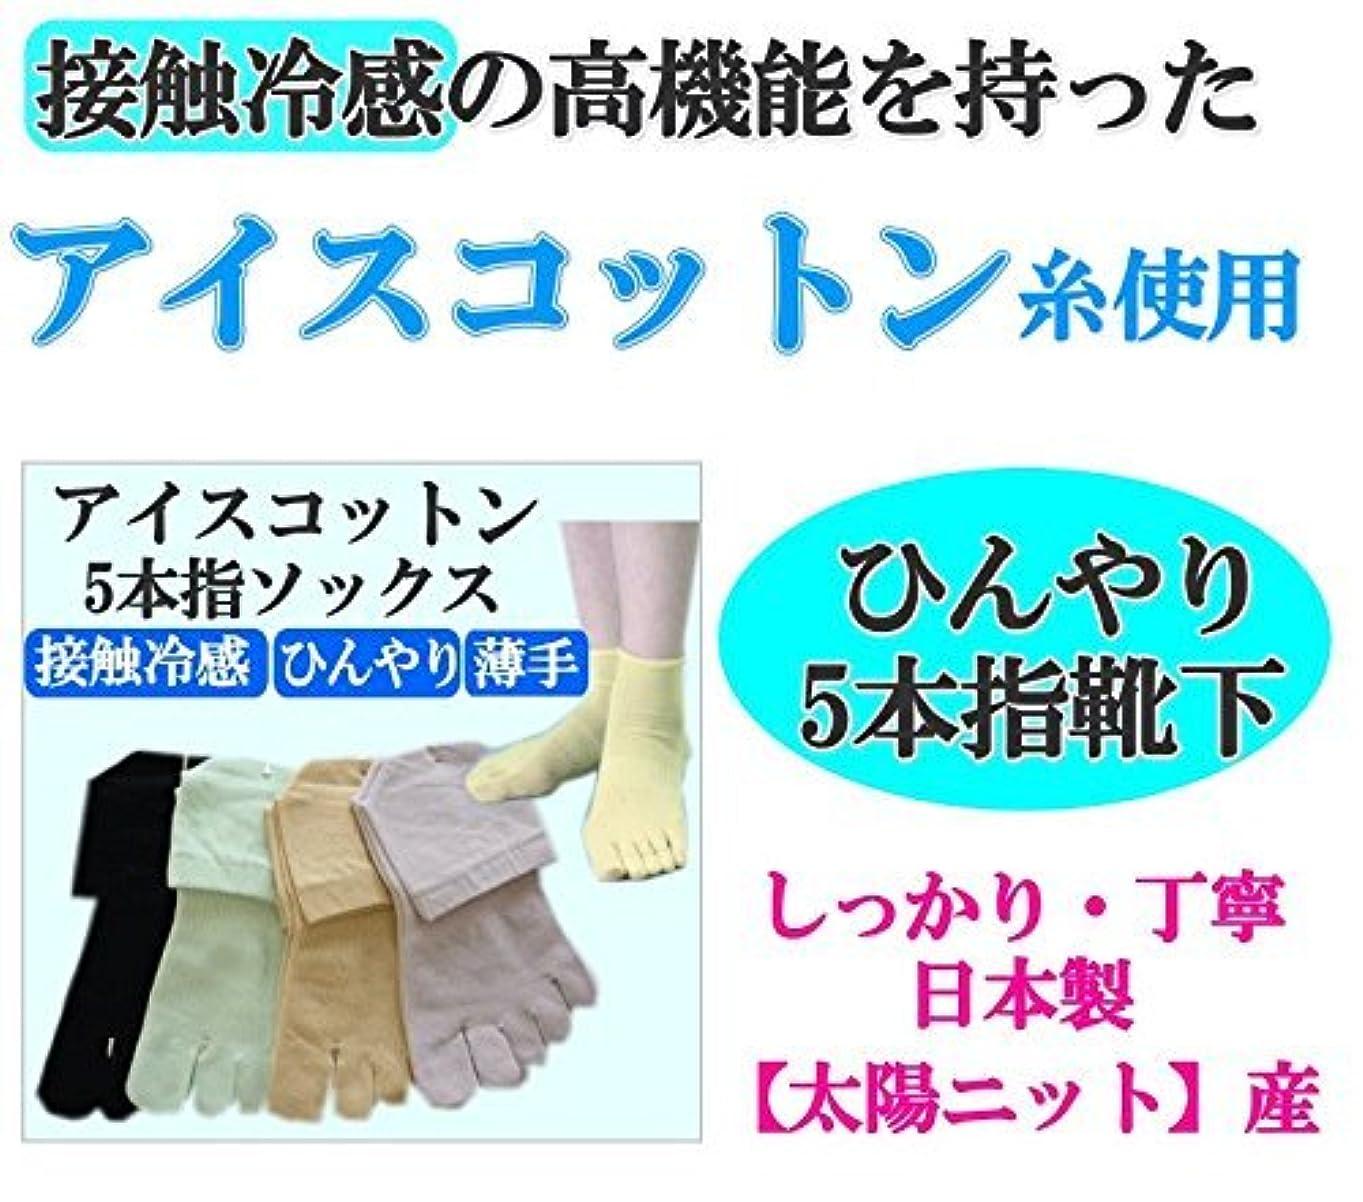 圧縮する発疹感染する女性用 綿100糸使用 薄手 接触冷感 5本指 ソックス ひんやり 22-24cm 太陽ニット317 (ミント)